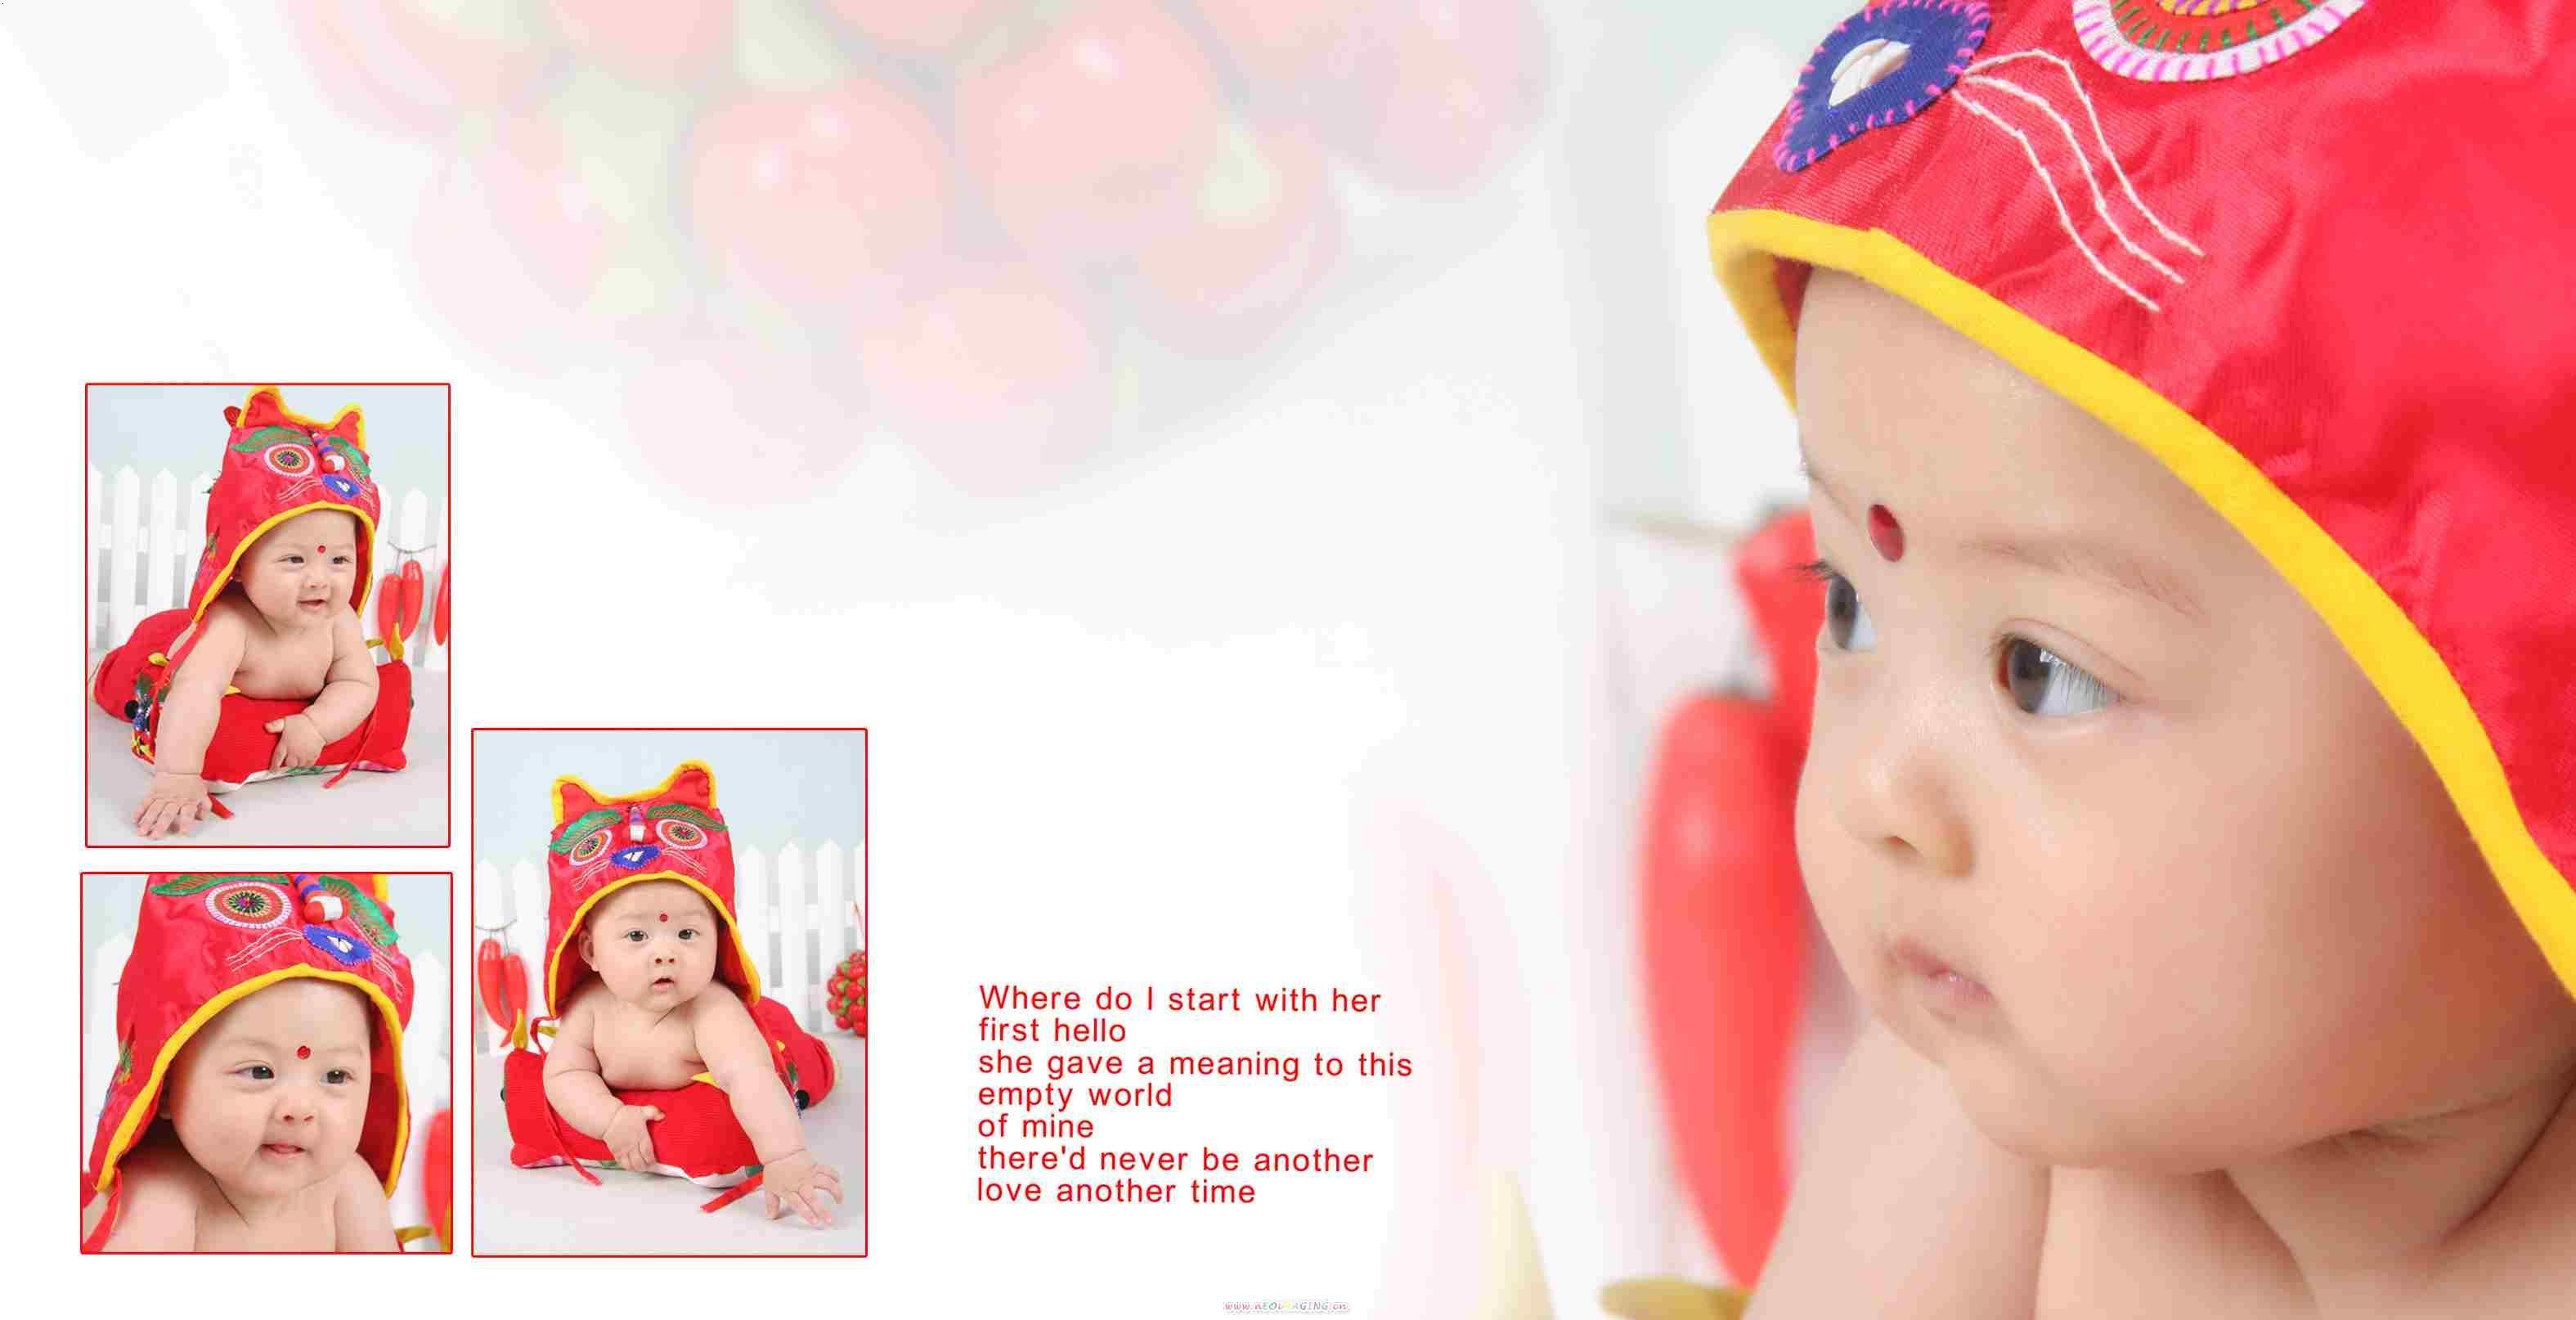 天津加油宝贝儿童摄影工作室